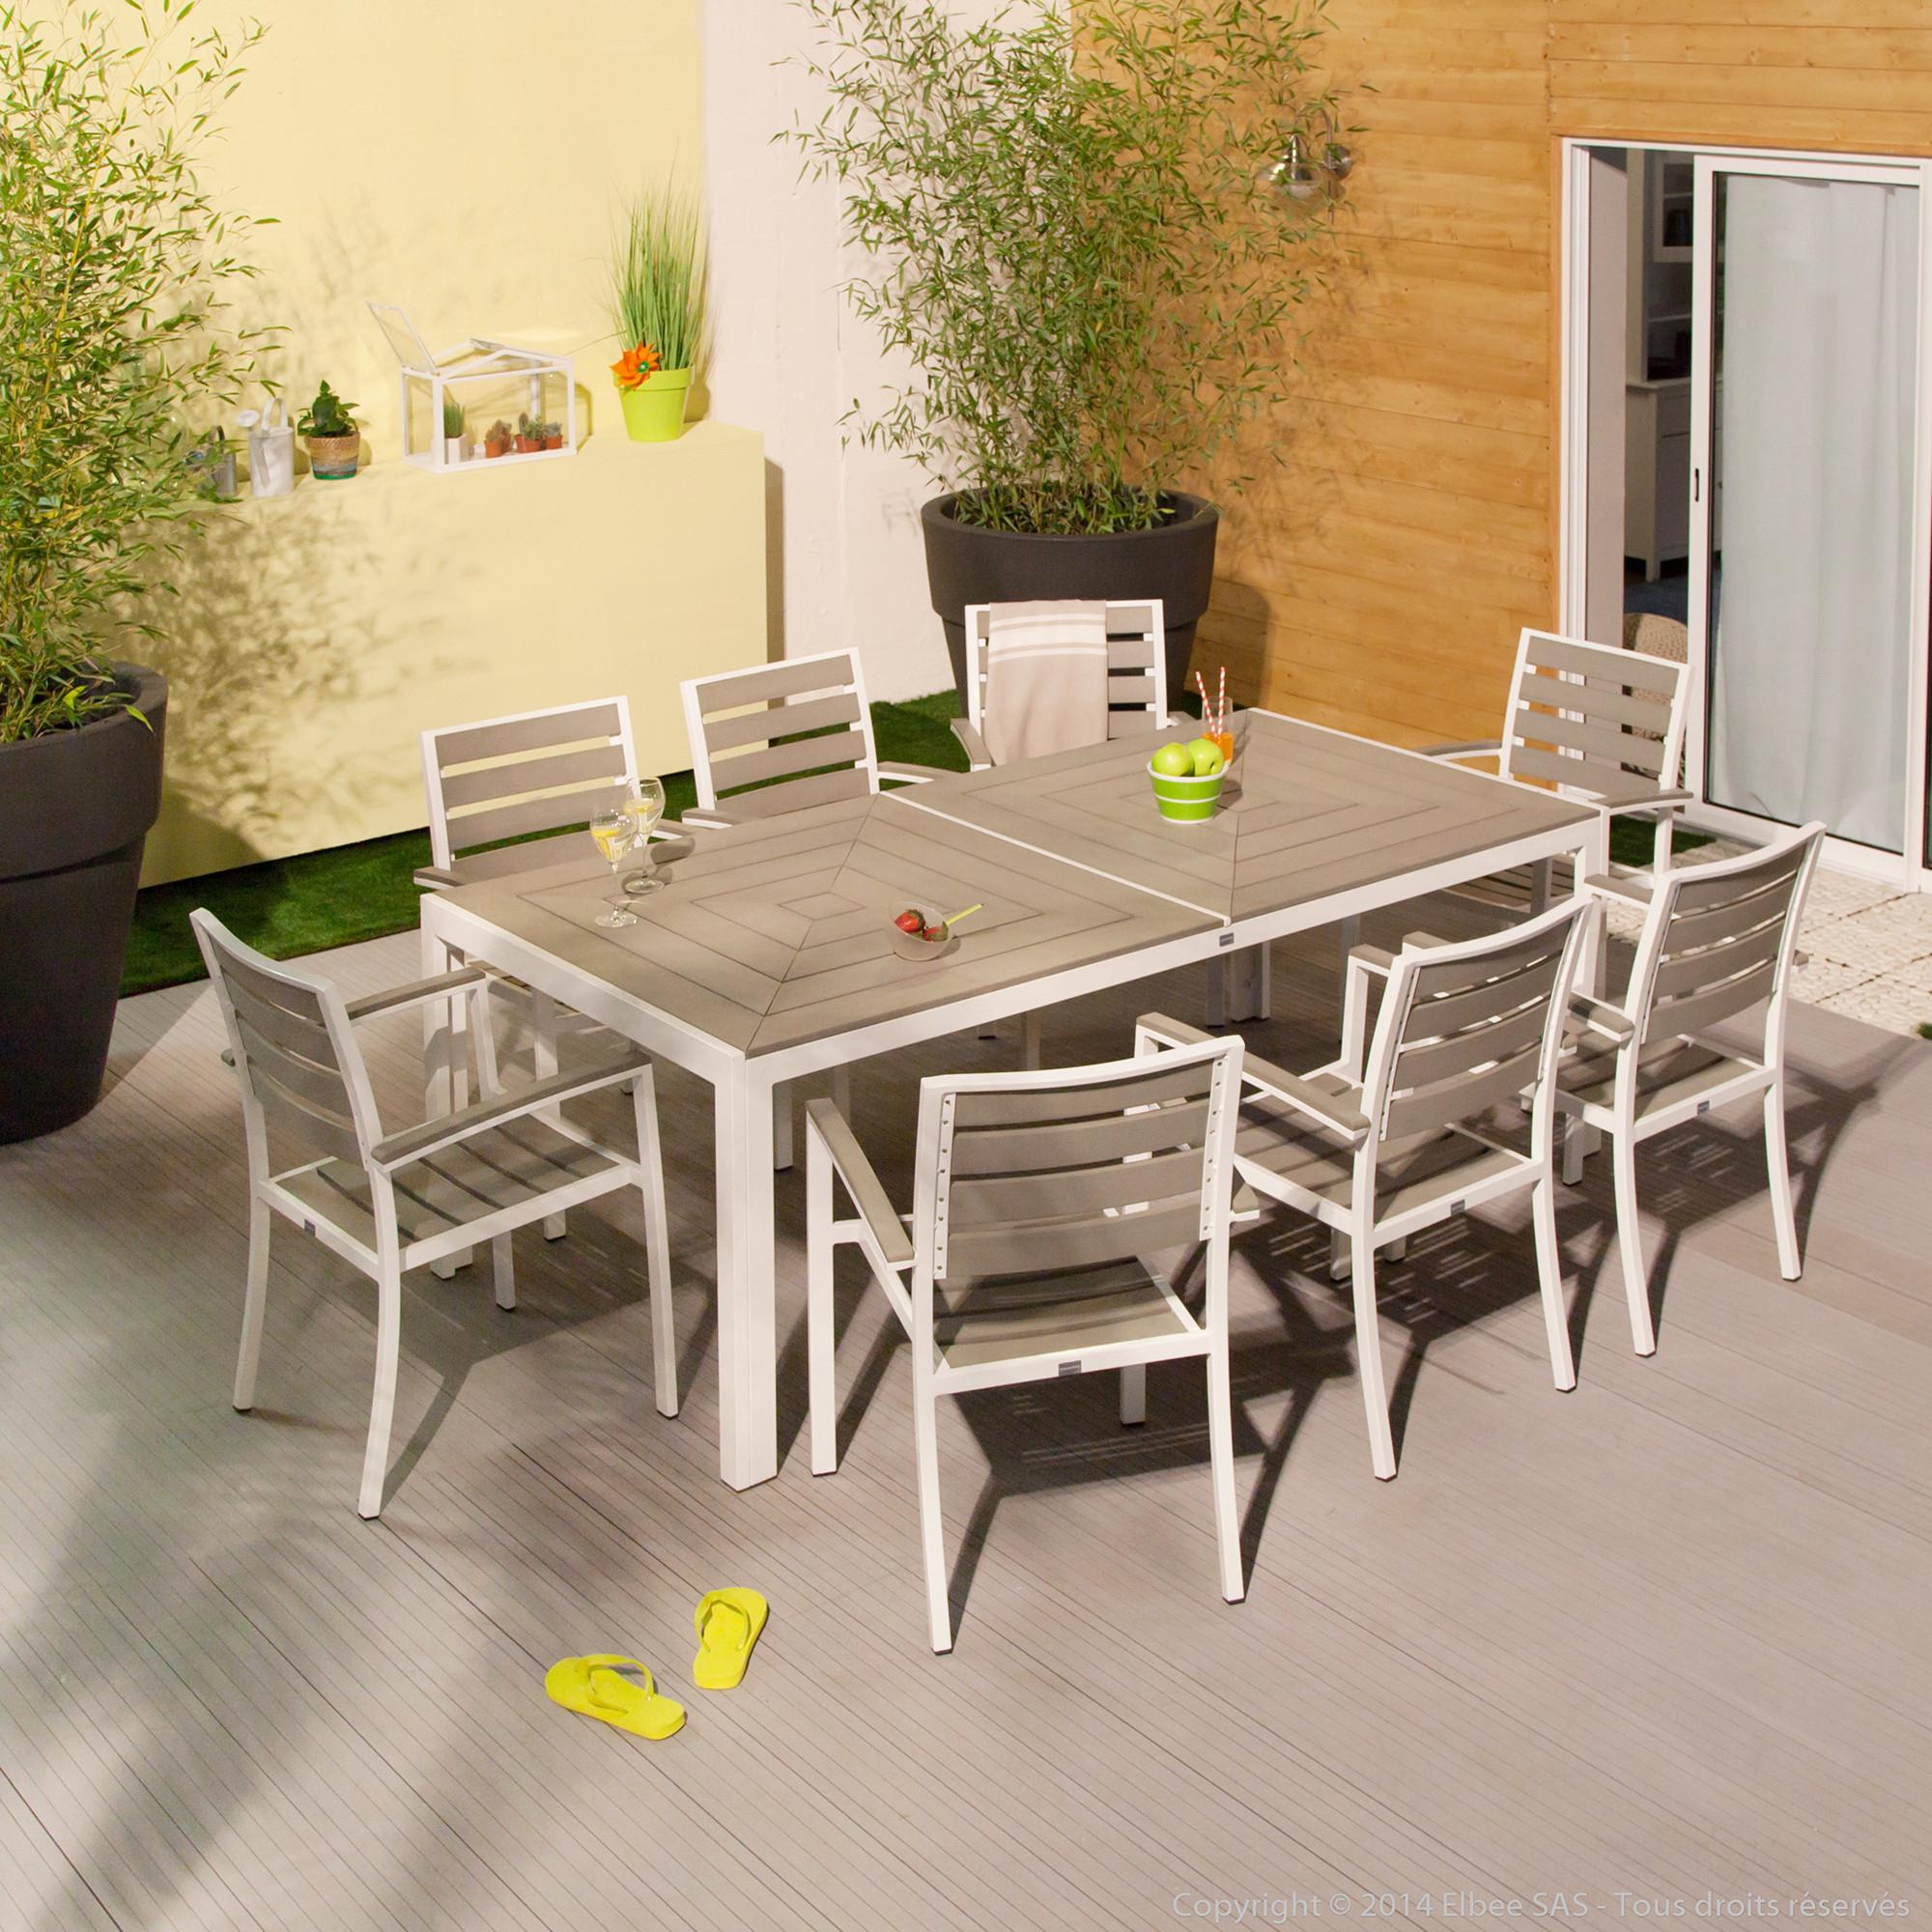 Maisonnette Plastique Leclerc Unique Image Table De Jardin Plastique Leclerc Avec Meilleur Mobilier De Jardin